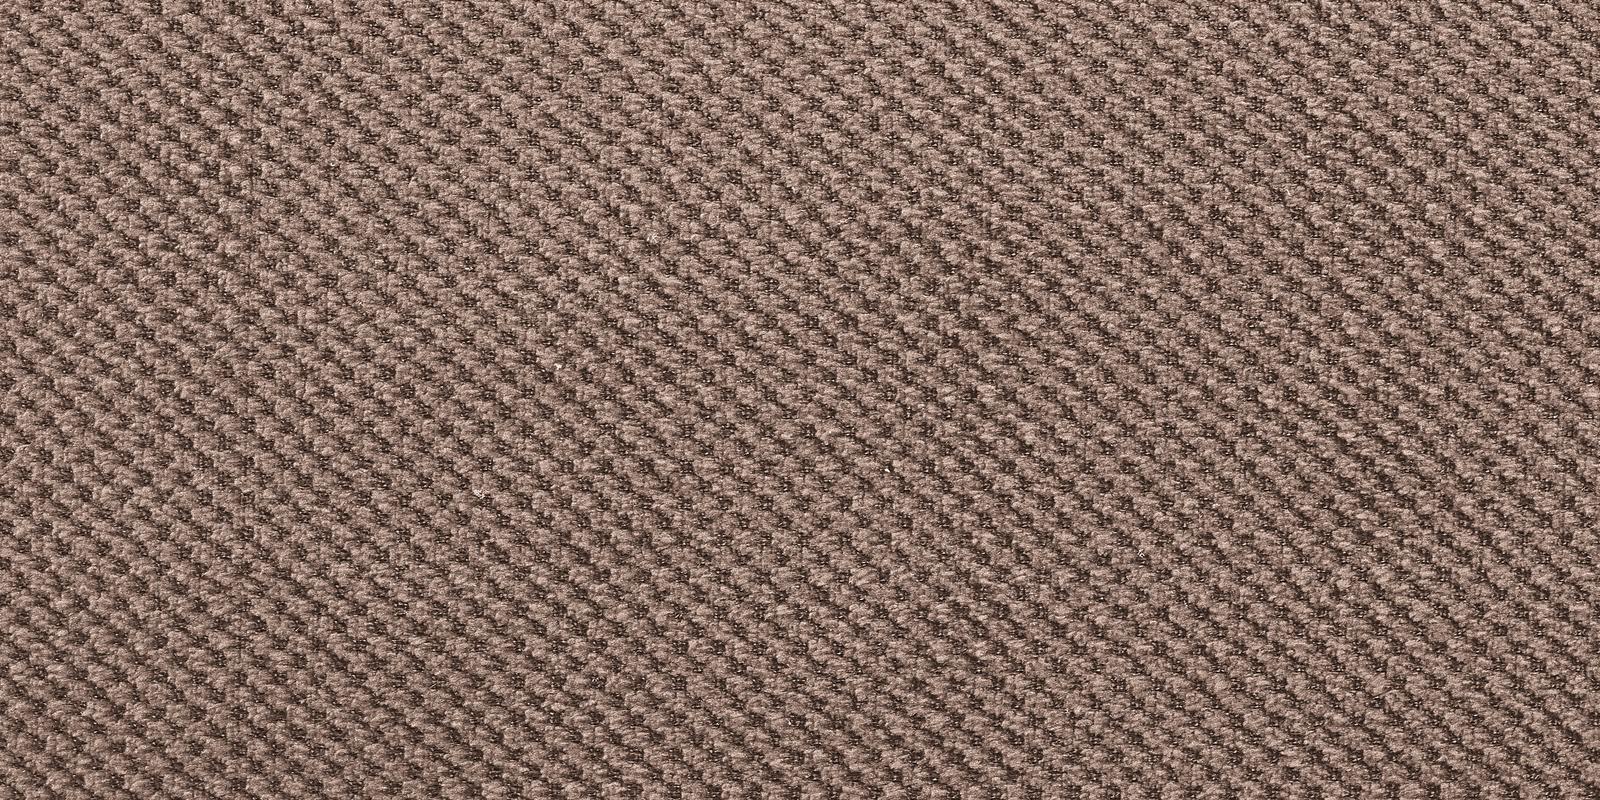 Диван тканевый угловой Френсис Grace коричневый (Ткань)